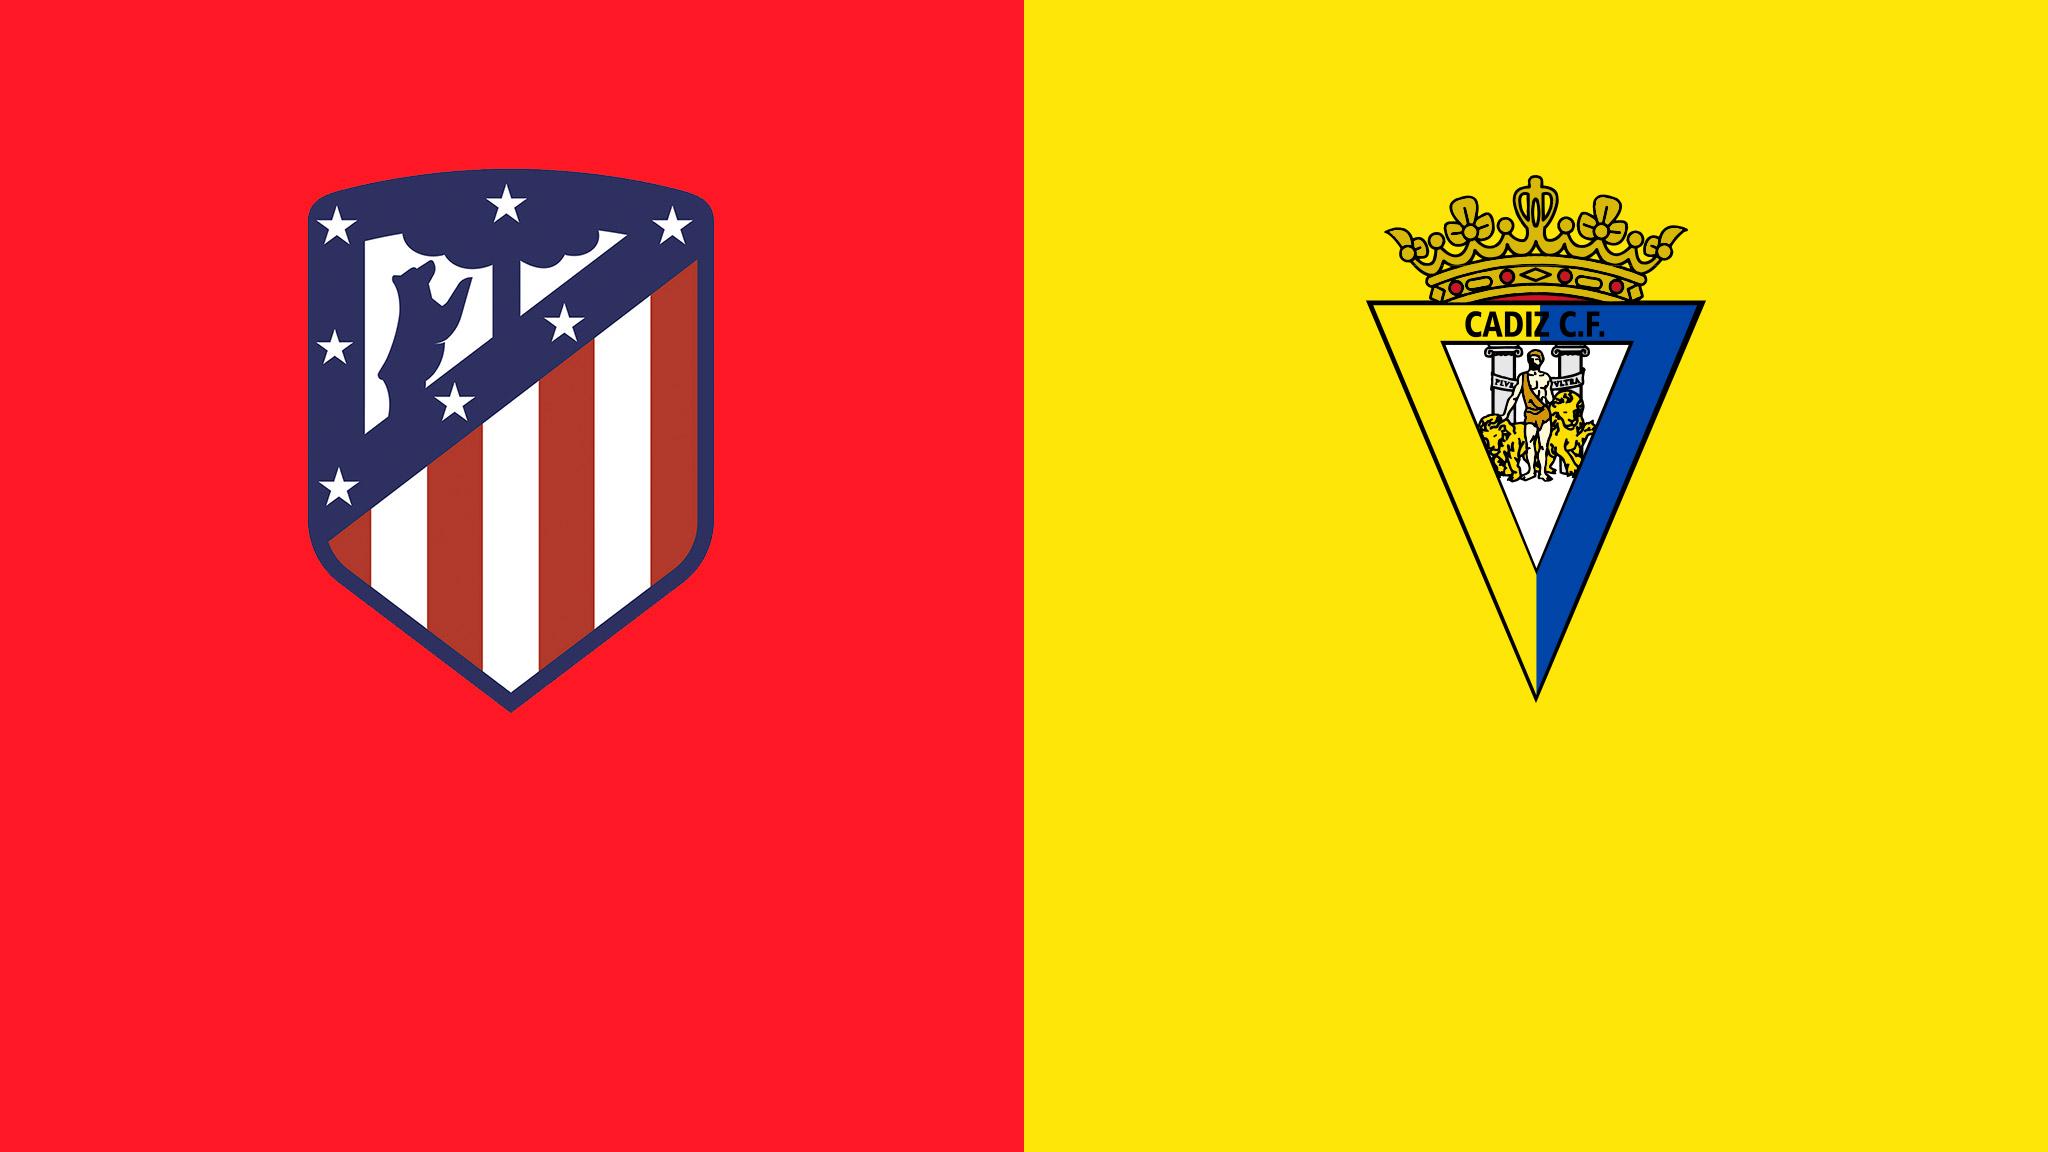 Atletico Madrid - Cadiz Spain - La Liga